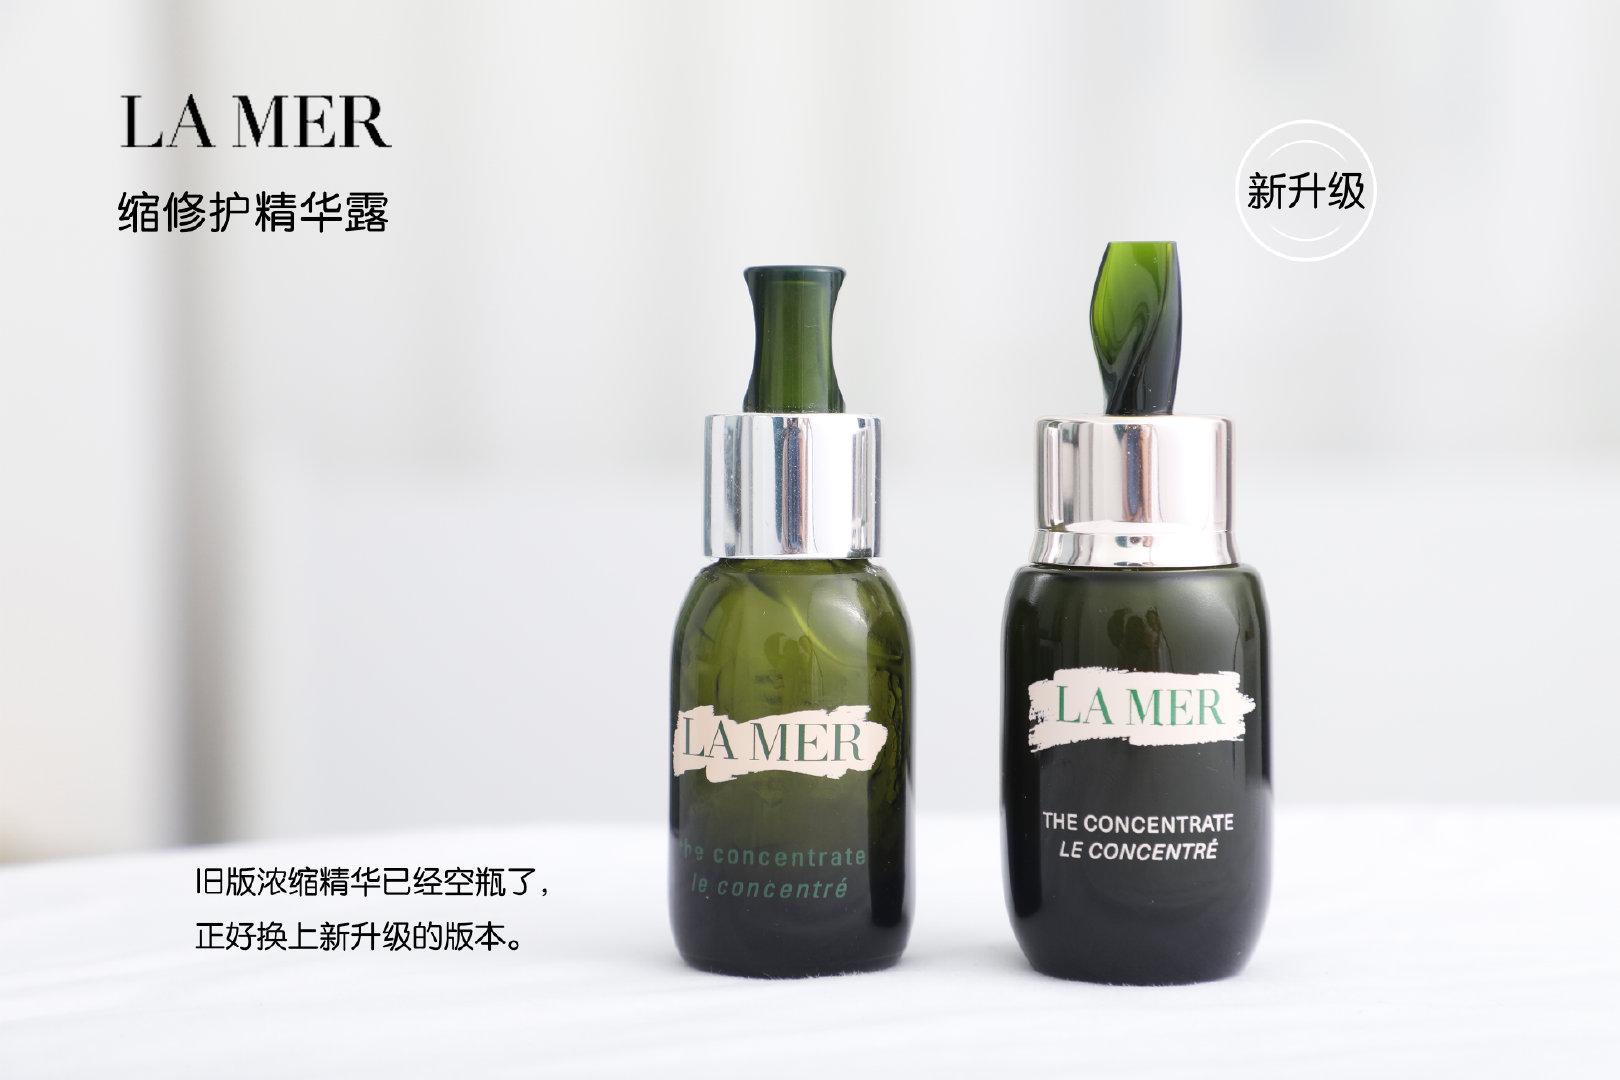 作为美妆博主,研究了化妆品这么多年,还是很知道修护肌肤的重要性